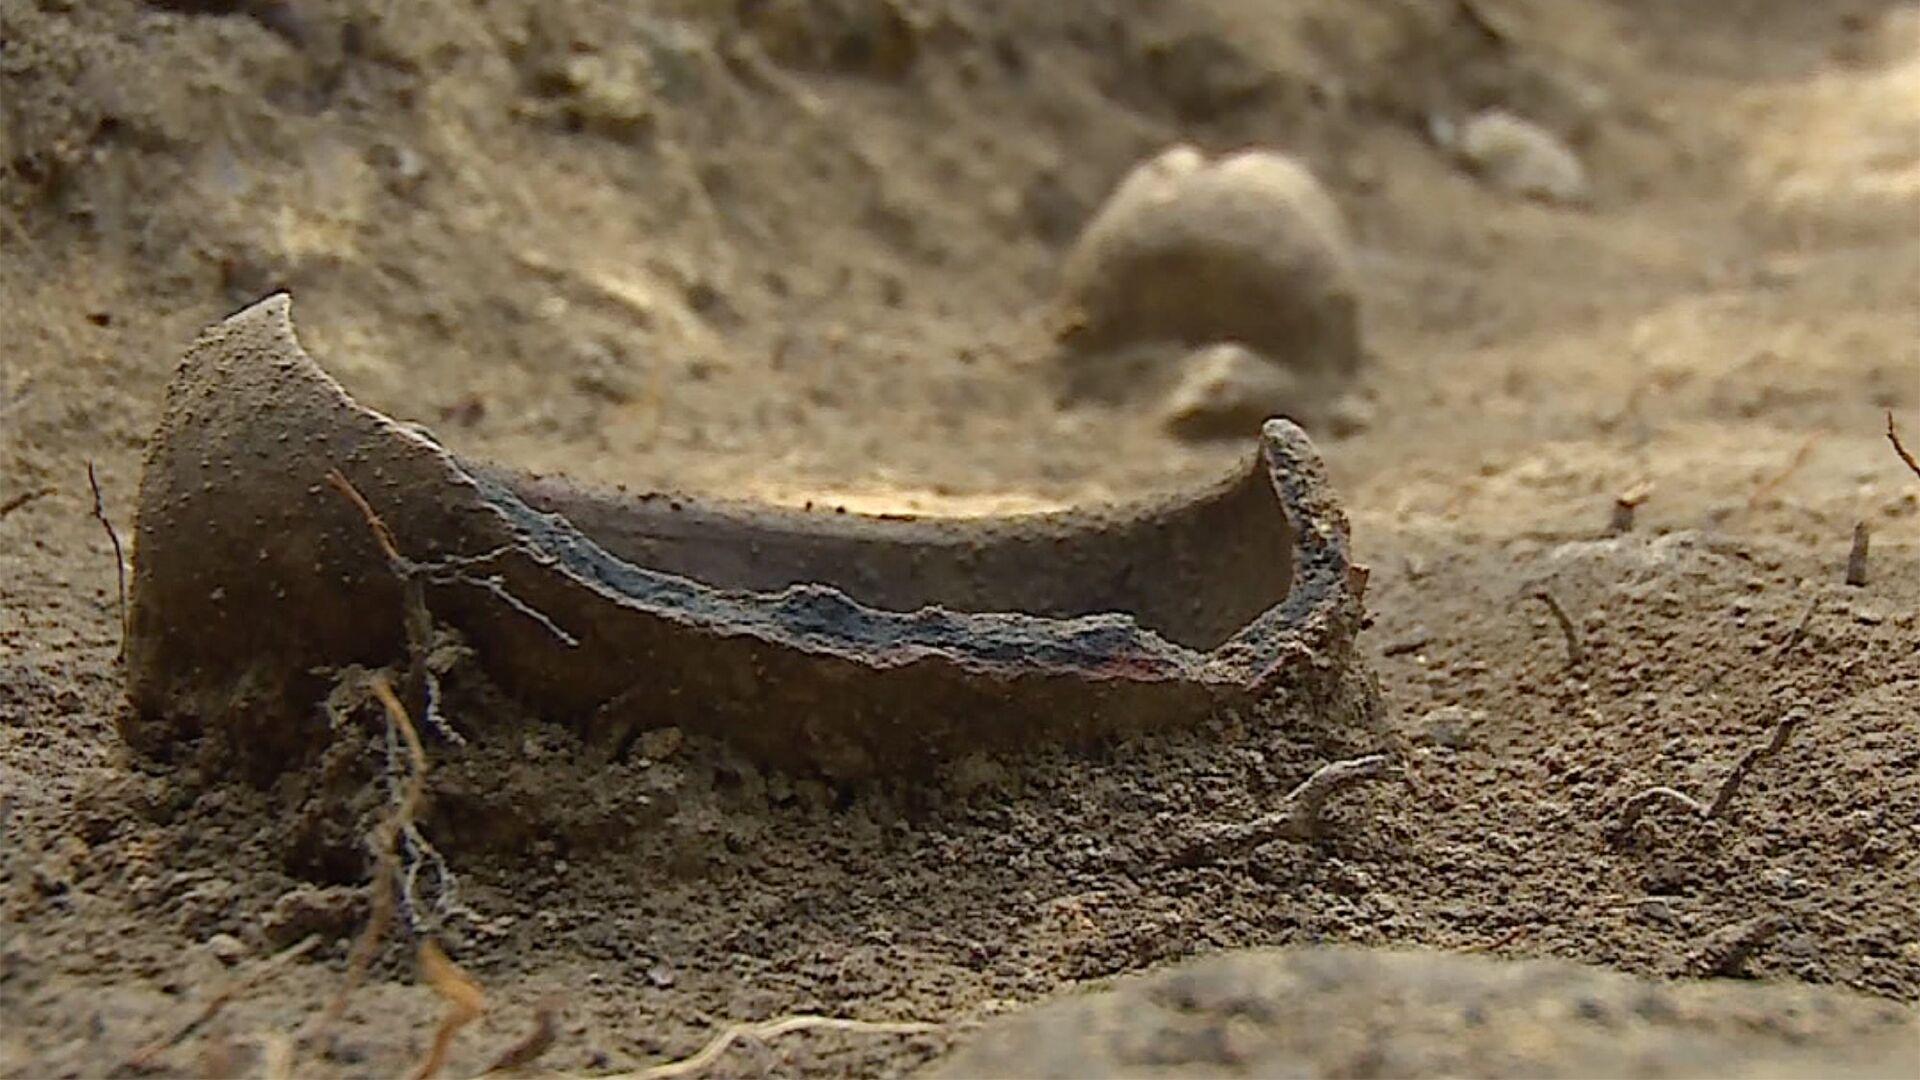 Археологи работают на раскопках на руинах древней церкви в селе Фуртио Шуахевского района Аджарии - Sputnik Грузия, 1920, 30.09.2021